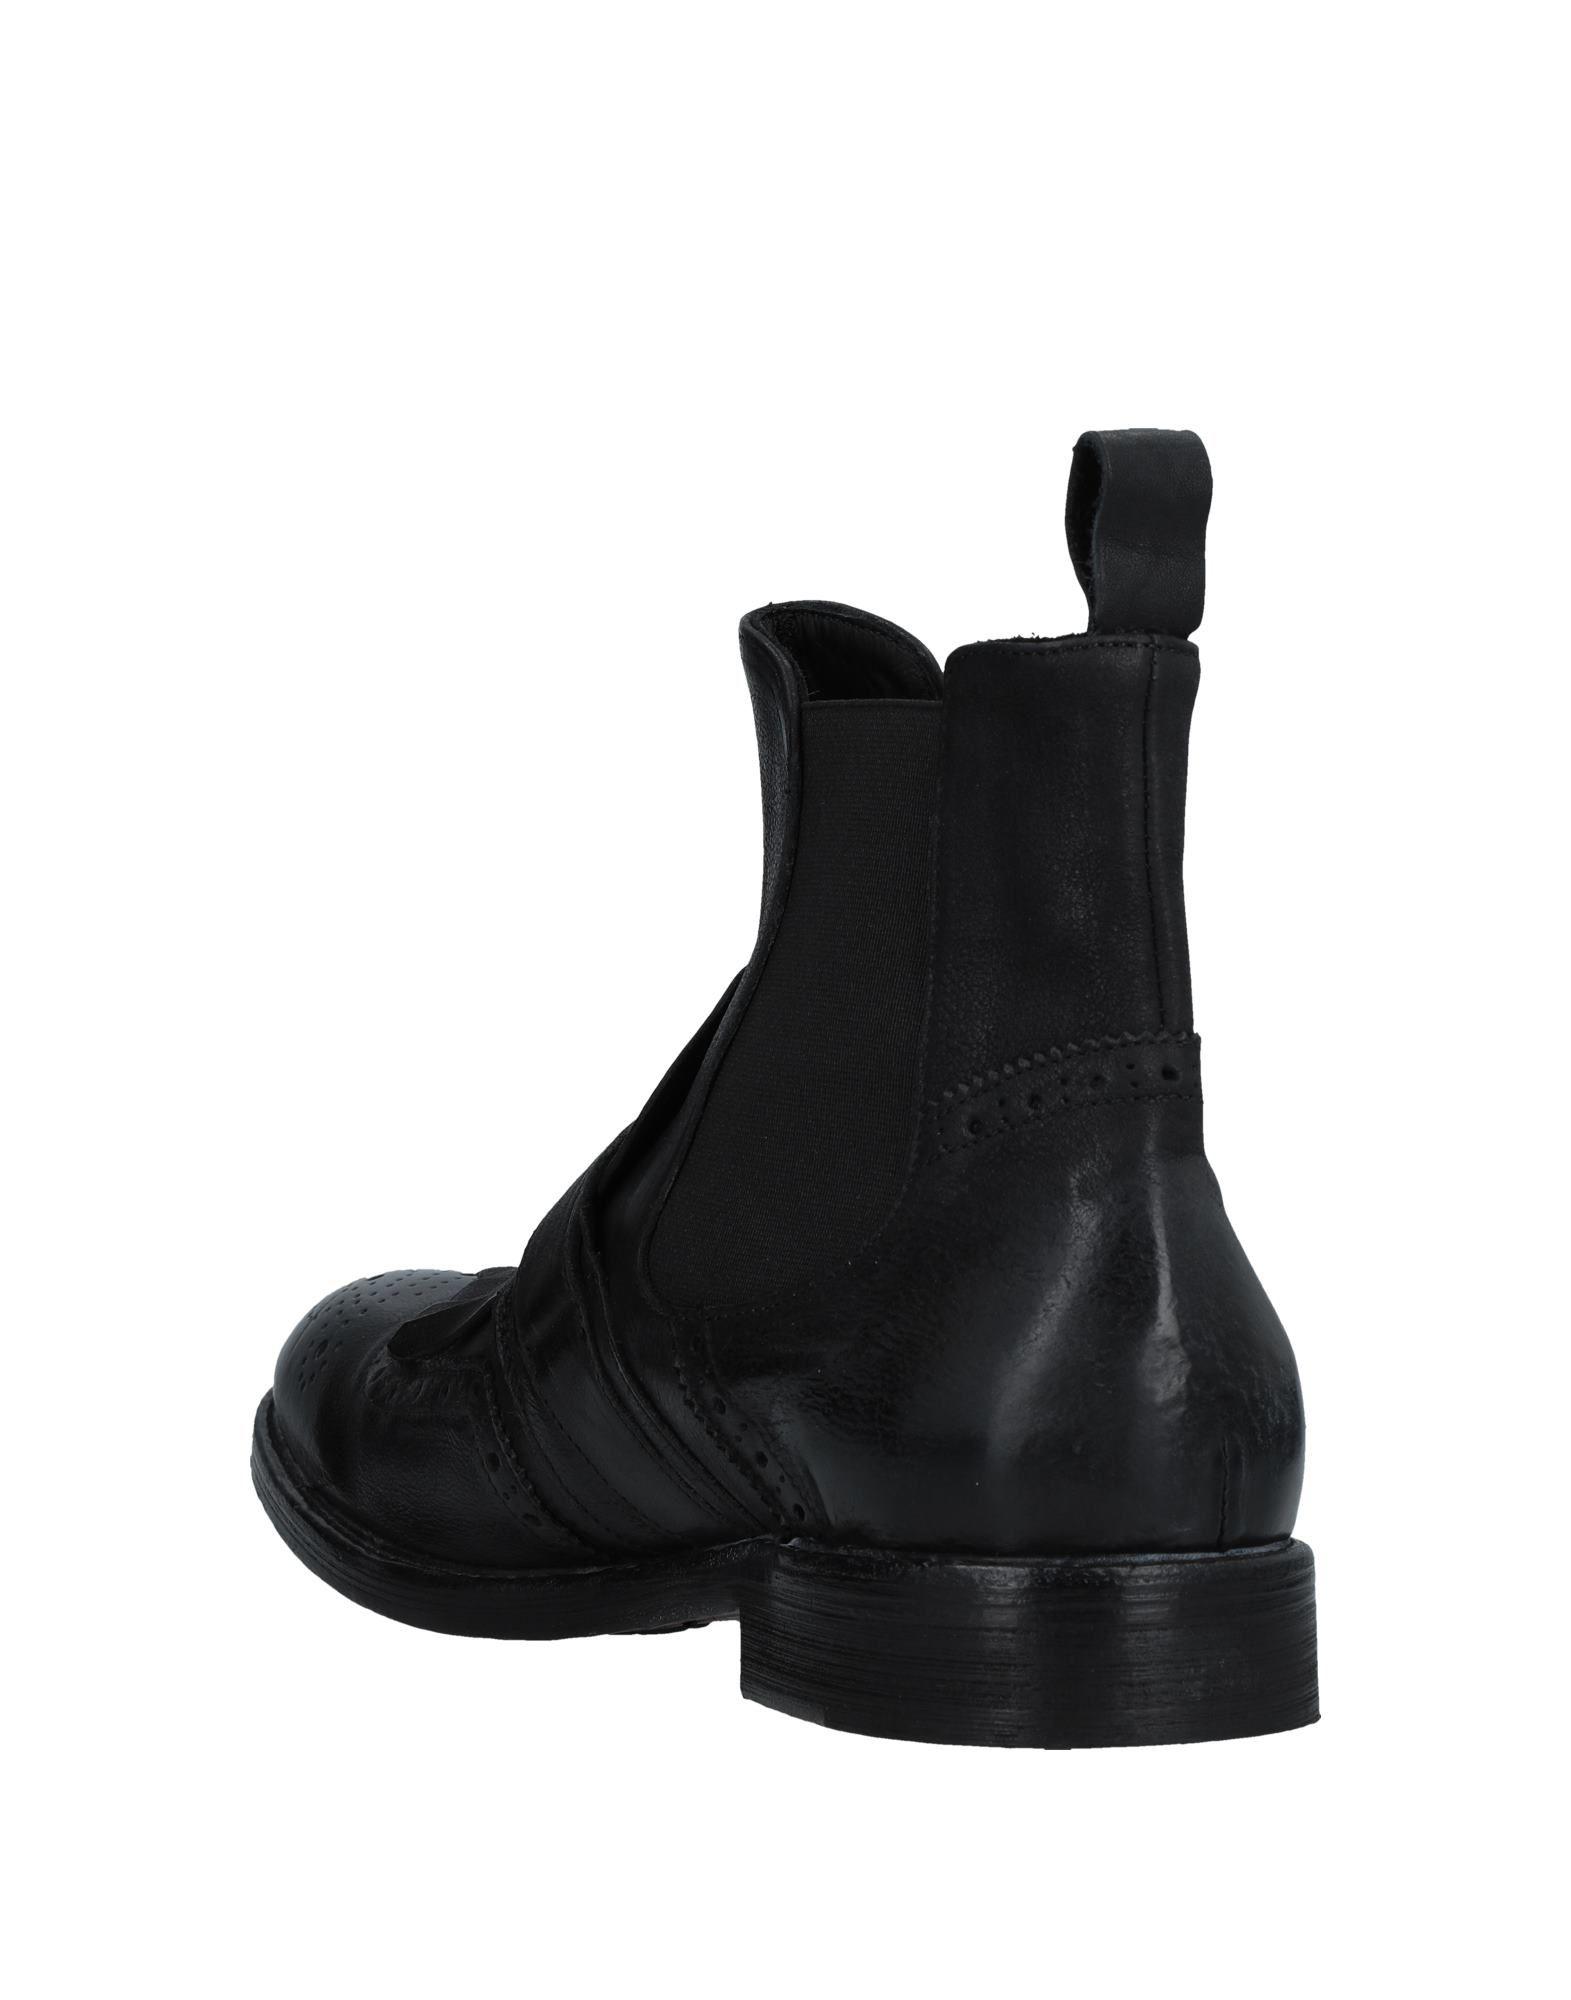 Calzoleria Napoletana  1921 Boots - Men Men Men Calzoleria Napoletana  1921 Boots online on  Australia - 11527037MF b13fbb